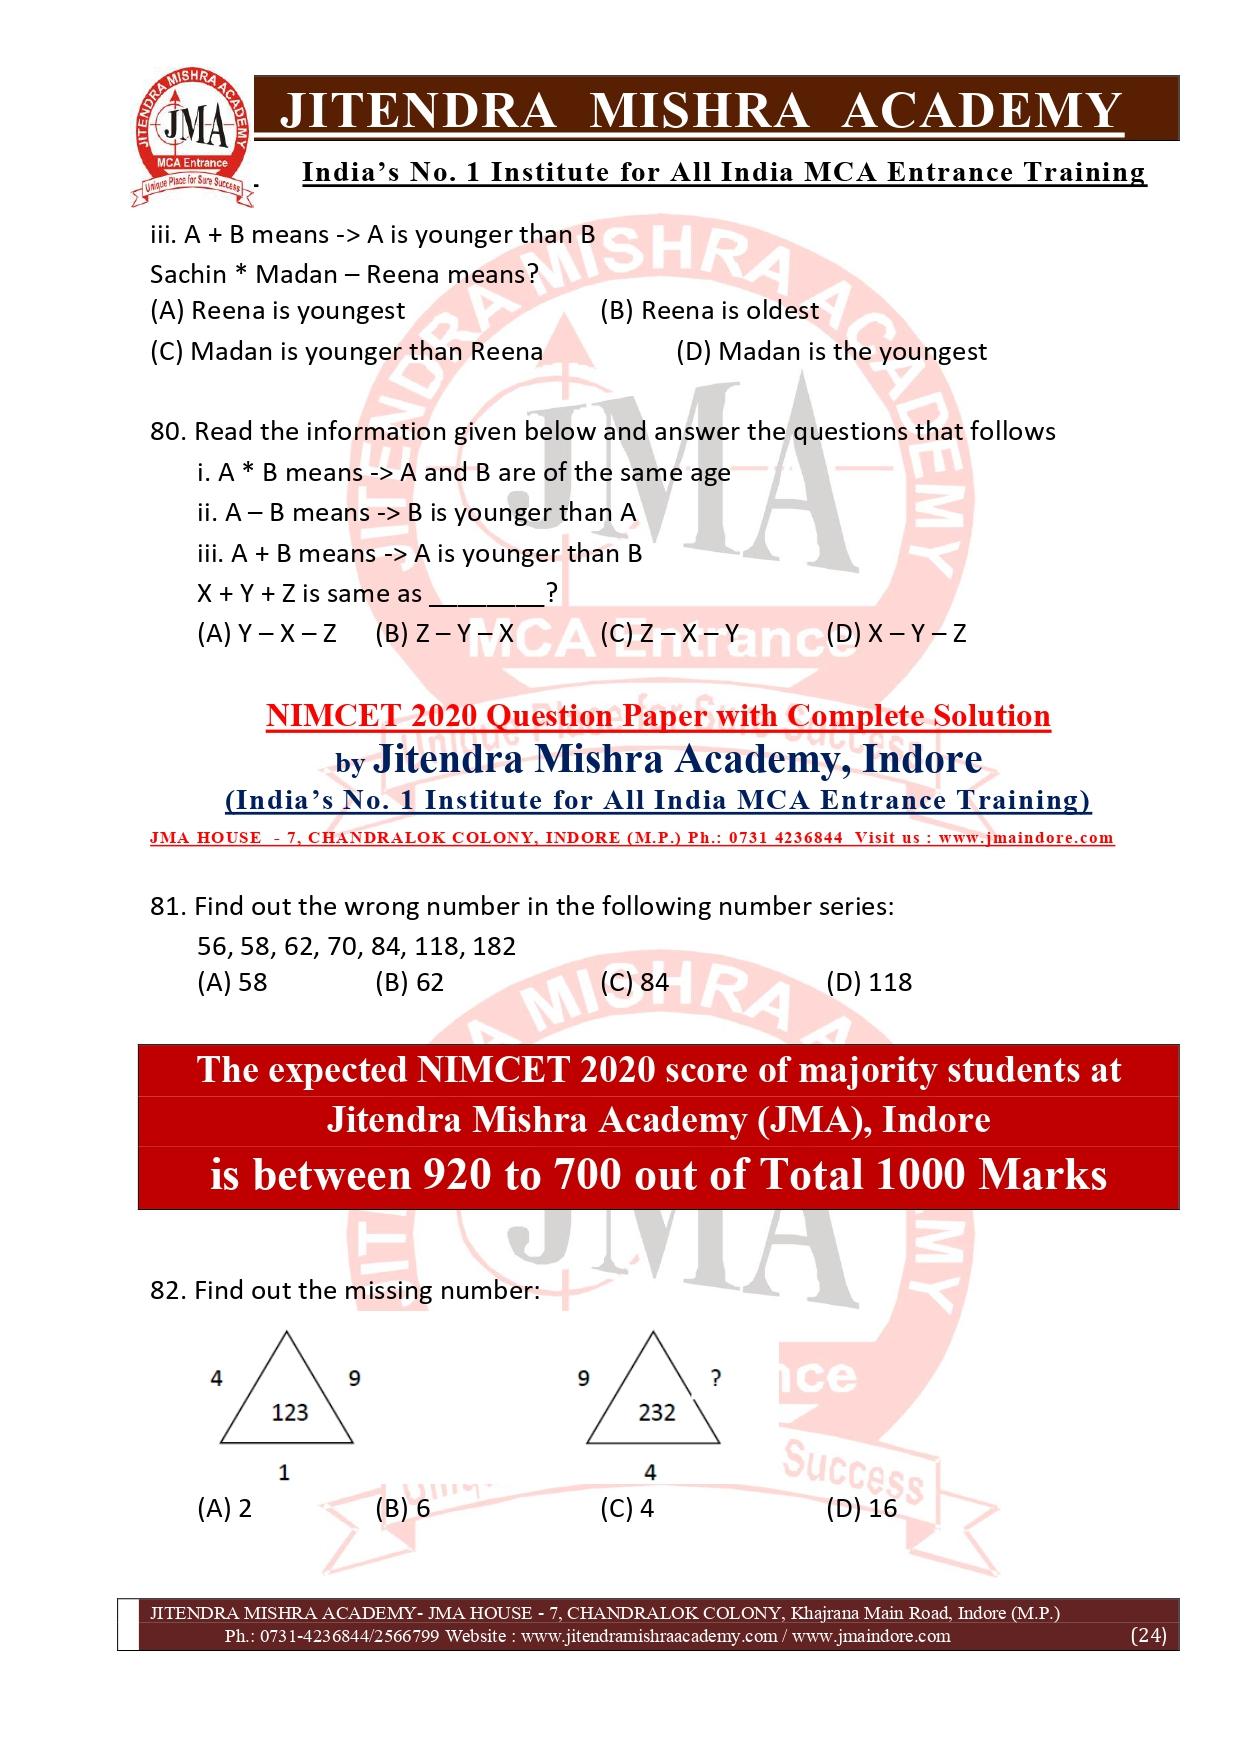 NIMCET 2020 QUESTION PAPER (FINAL)_page-0024